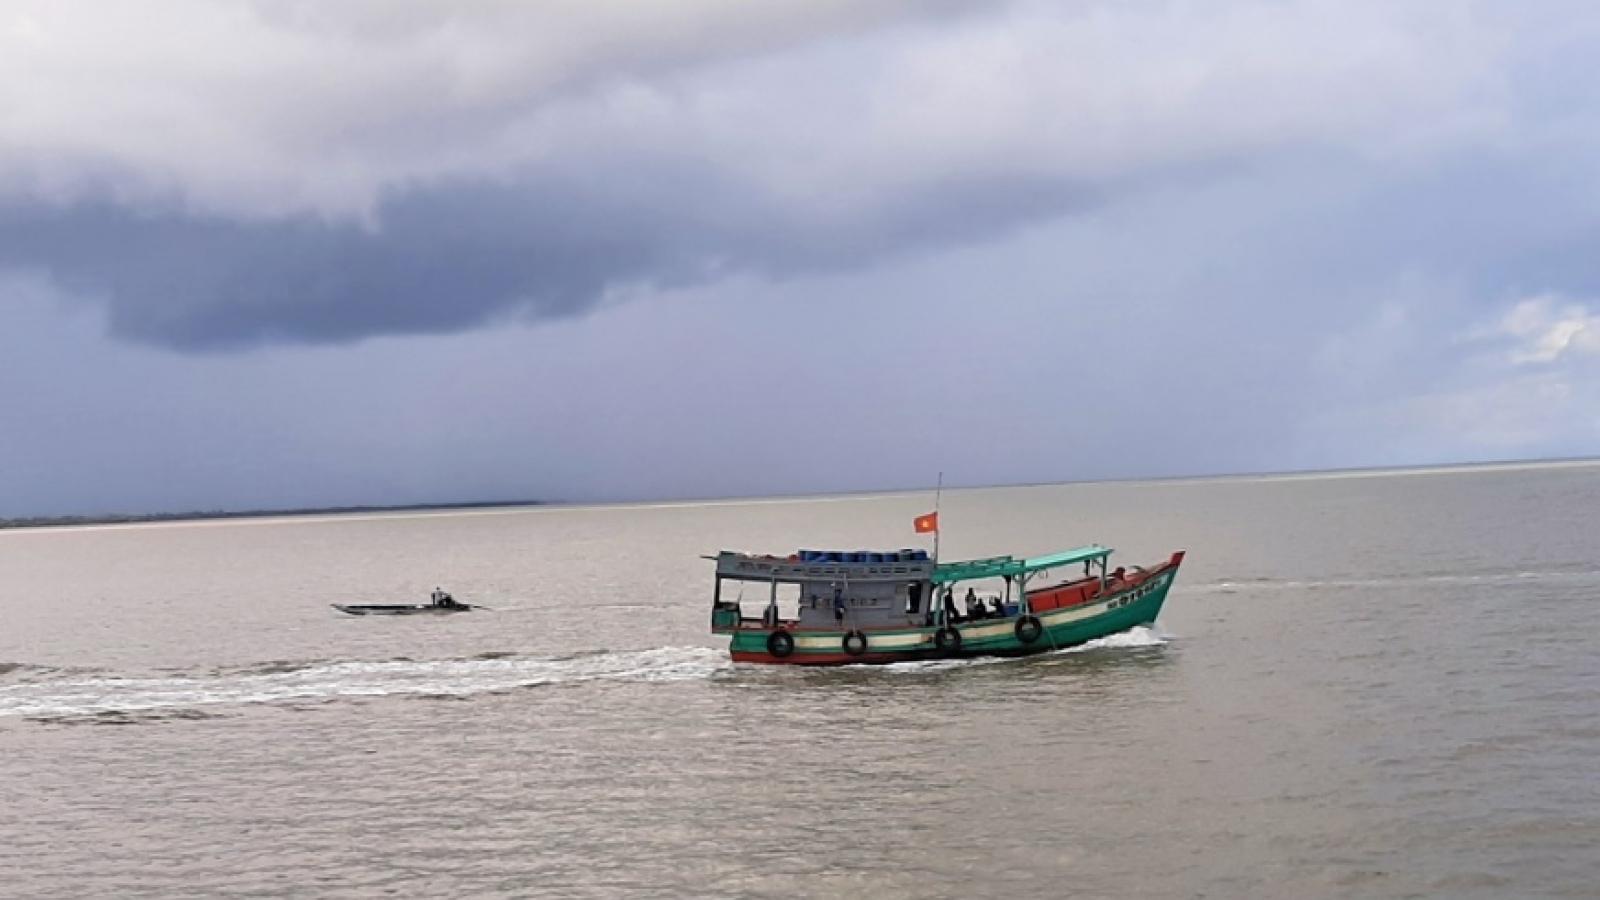 Phát hiện 54 người nhập cảnh trái phép bằng đường biển tại Cà Mau